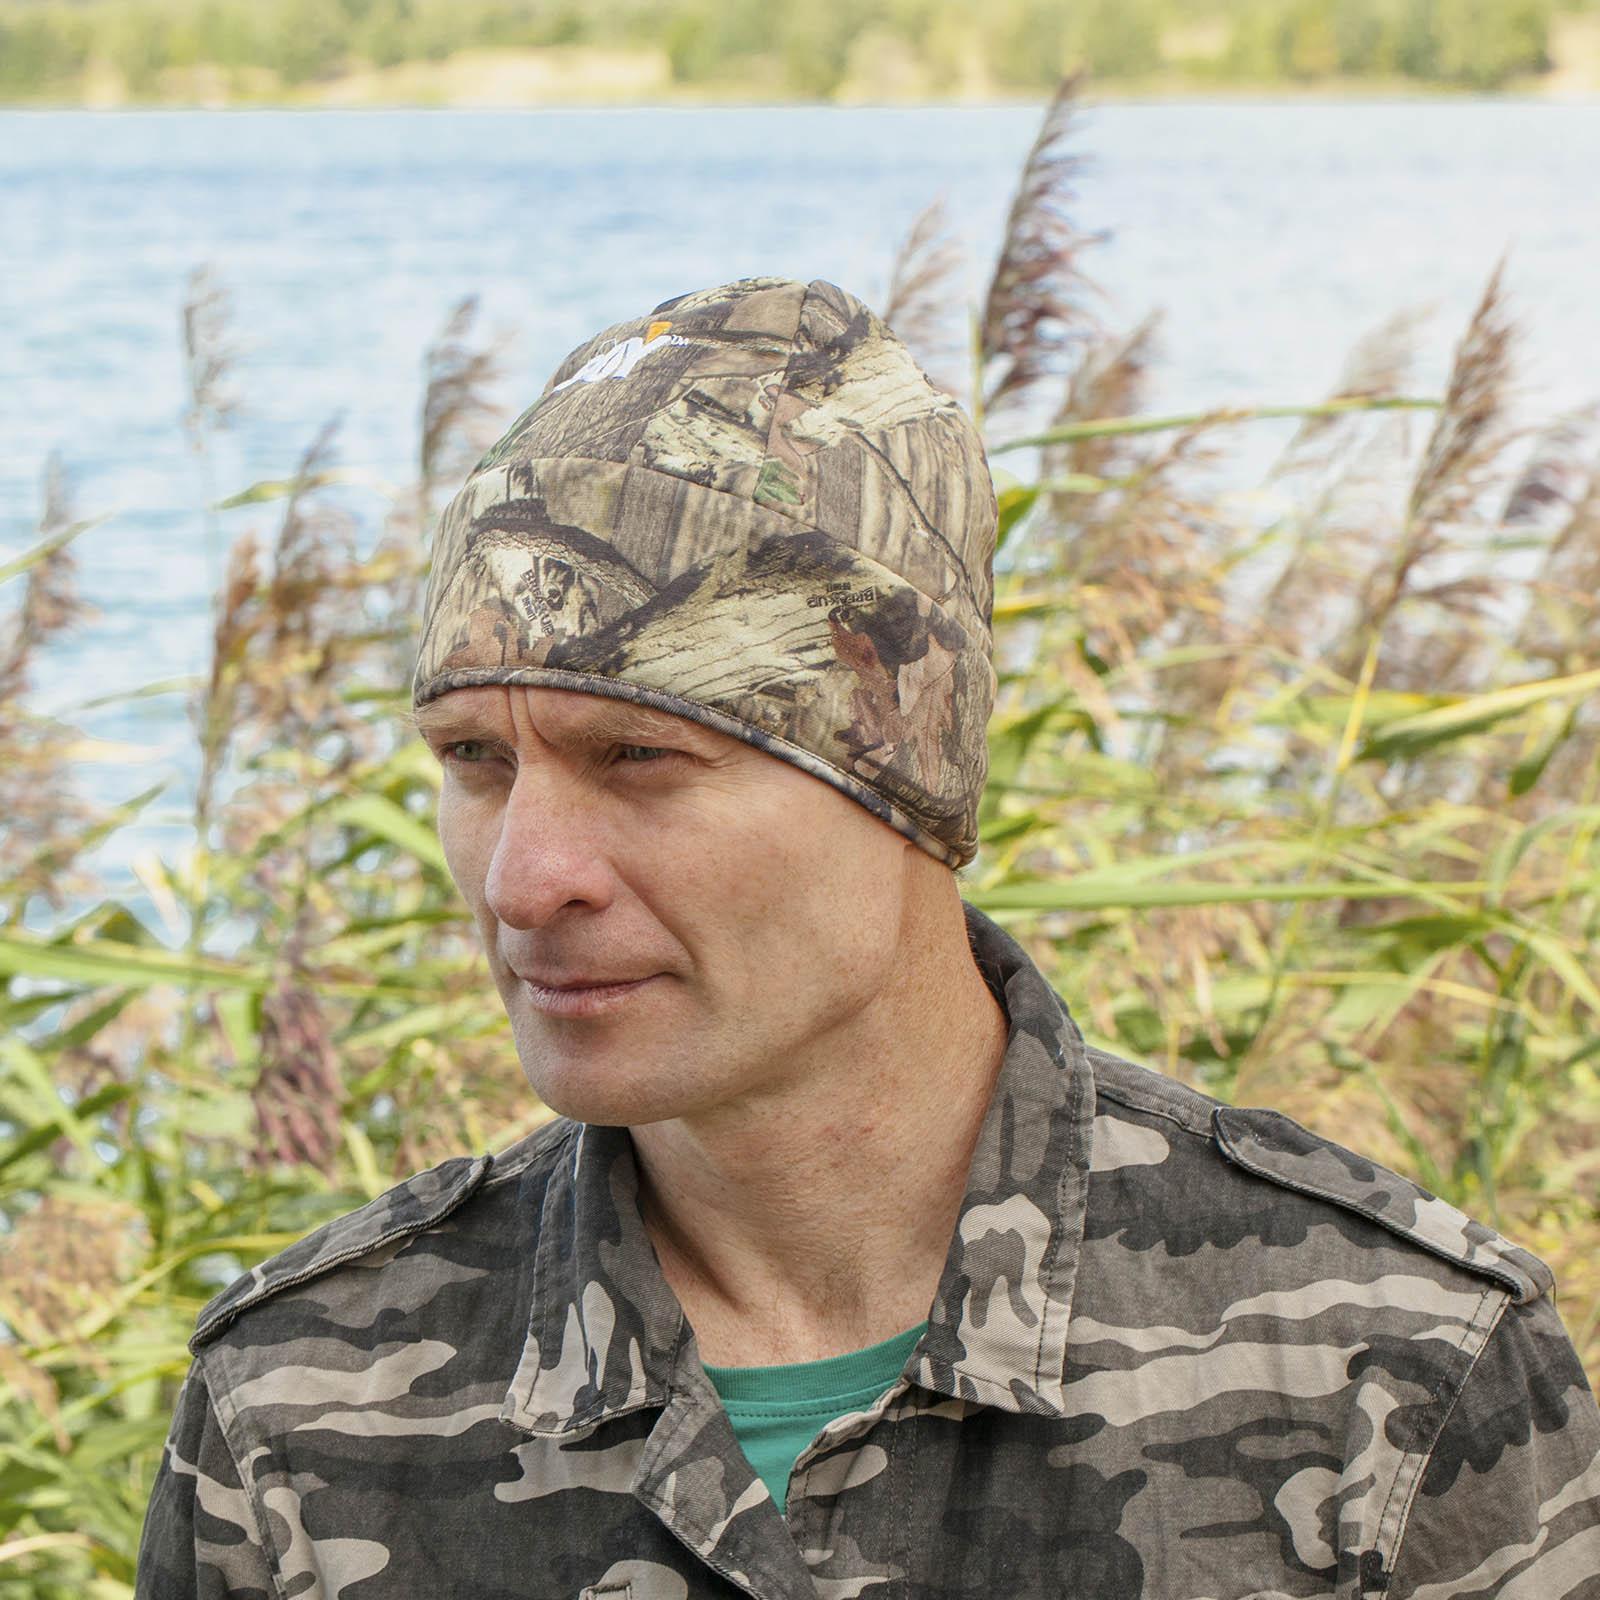 Купить в военторге Военпро камуфляжную шапочку Realtree